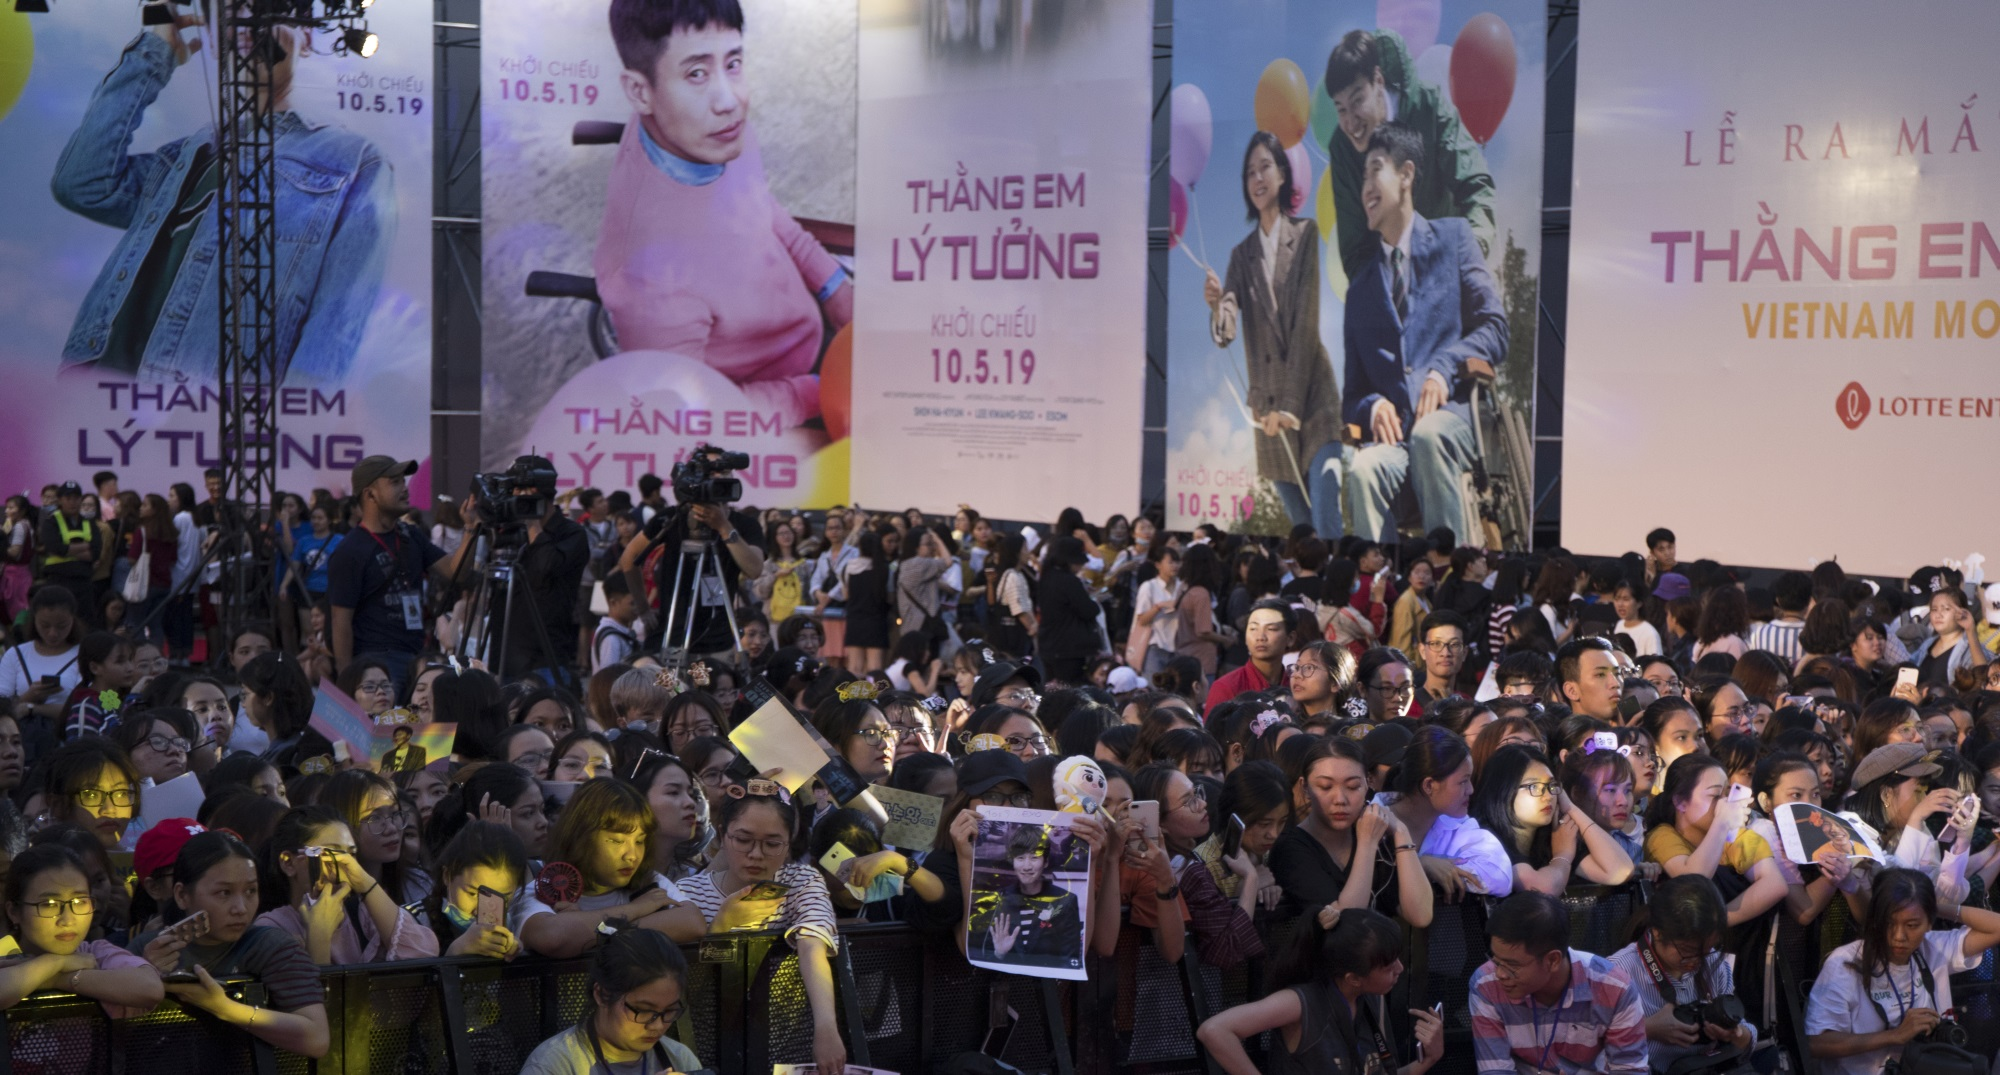 """Tp.HCM: Dàn sao Hàn triệu view xuất hiện trong buổi ra mắt phim """"Thằng em lý tưởng"""", khiến dân tình bấn loạn - Ảnh 3"""